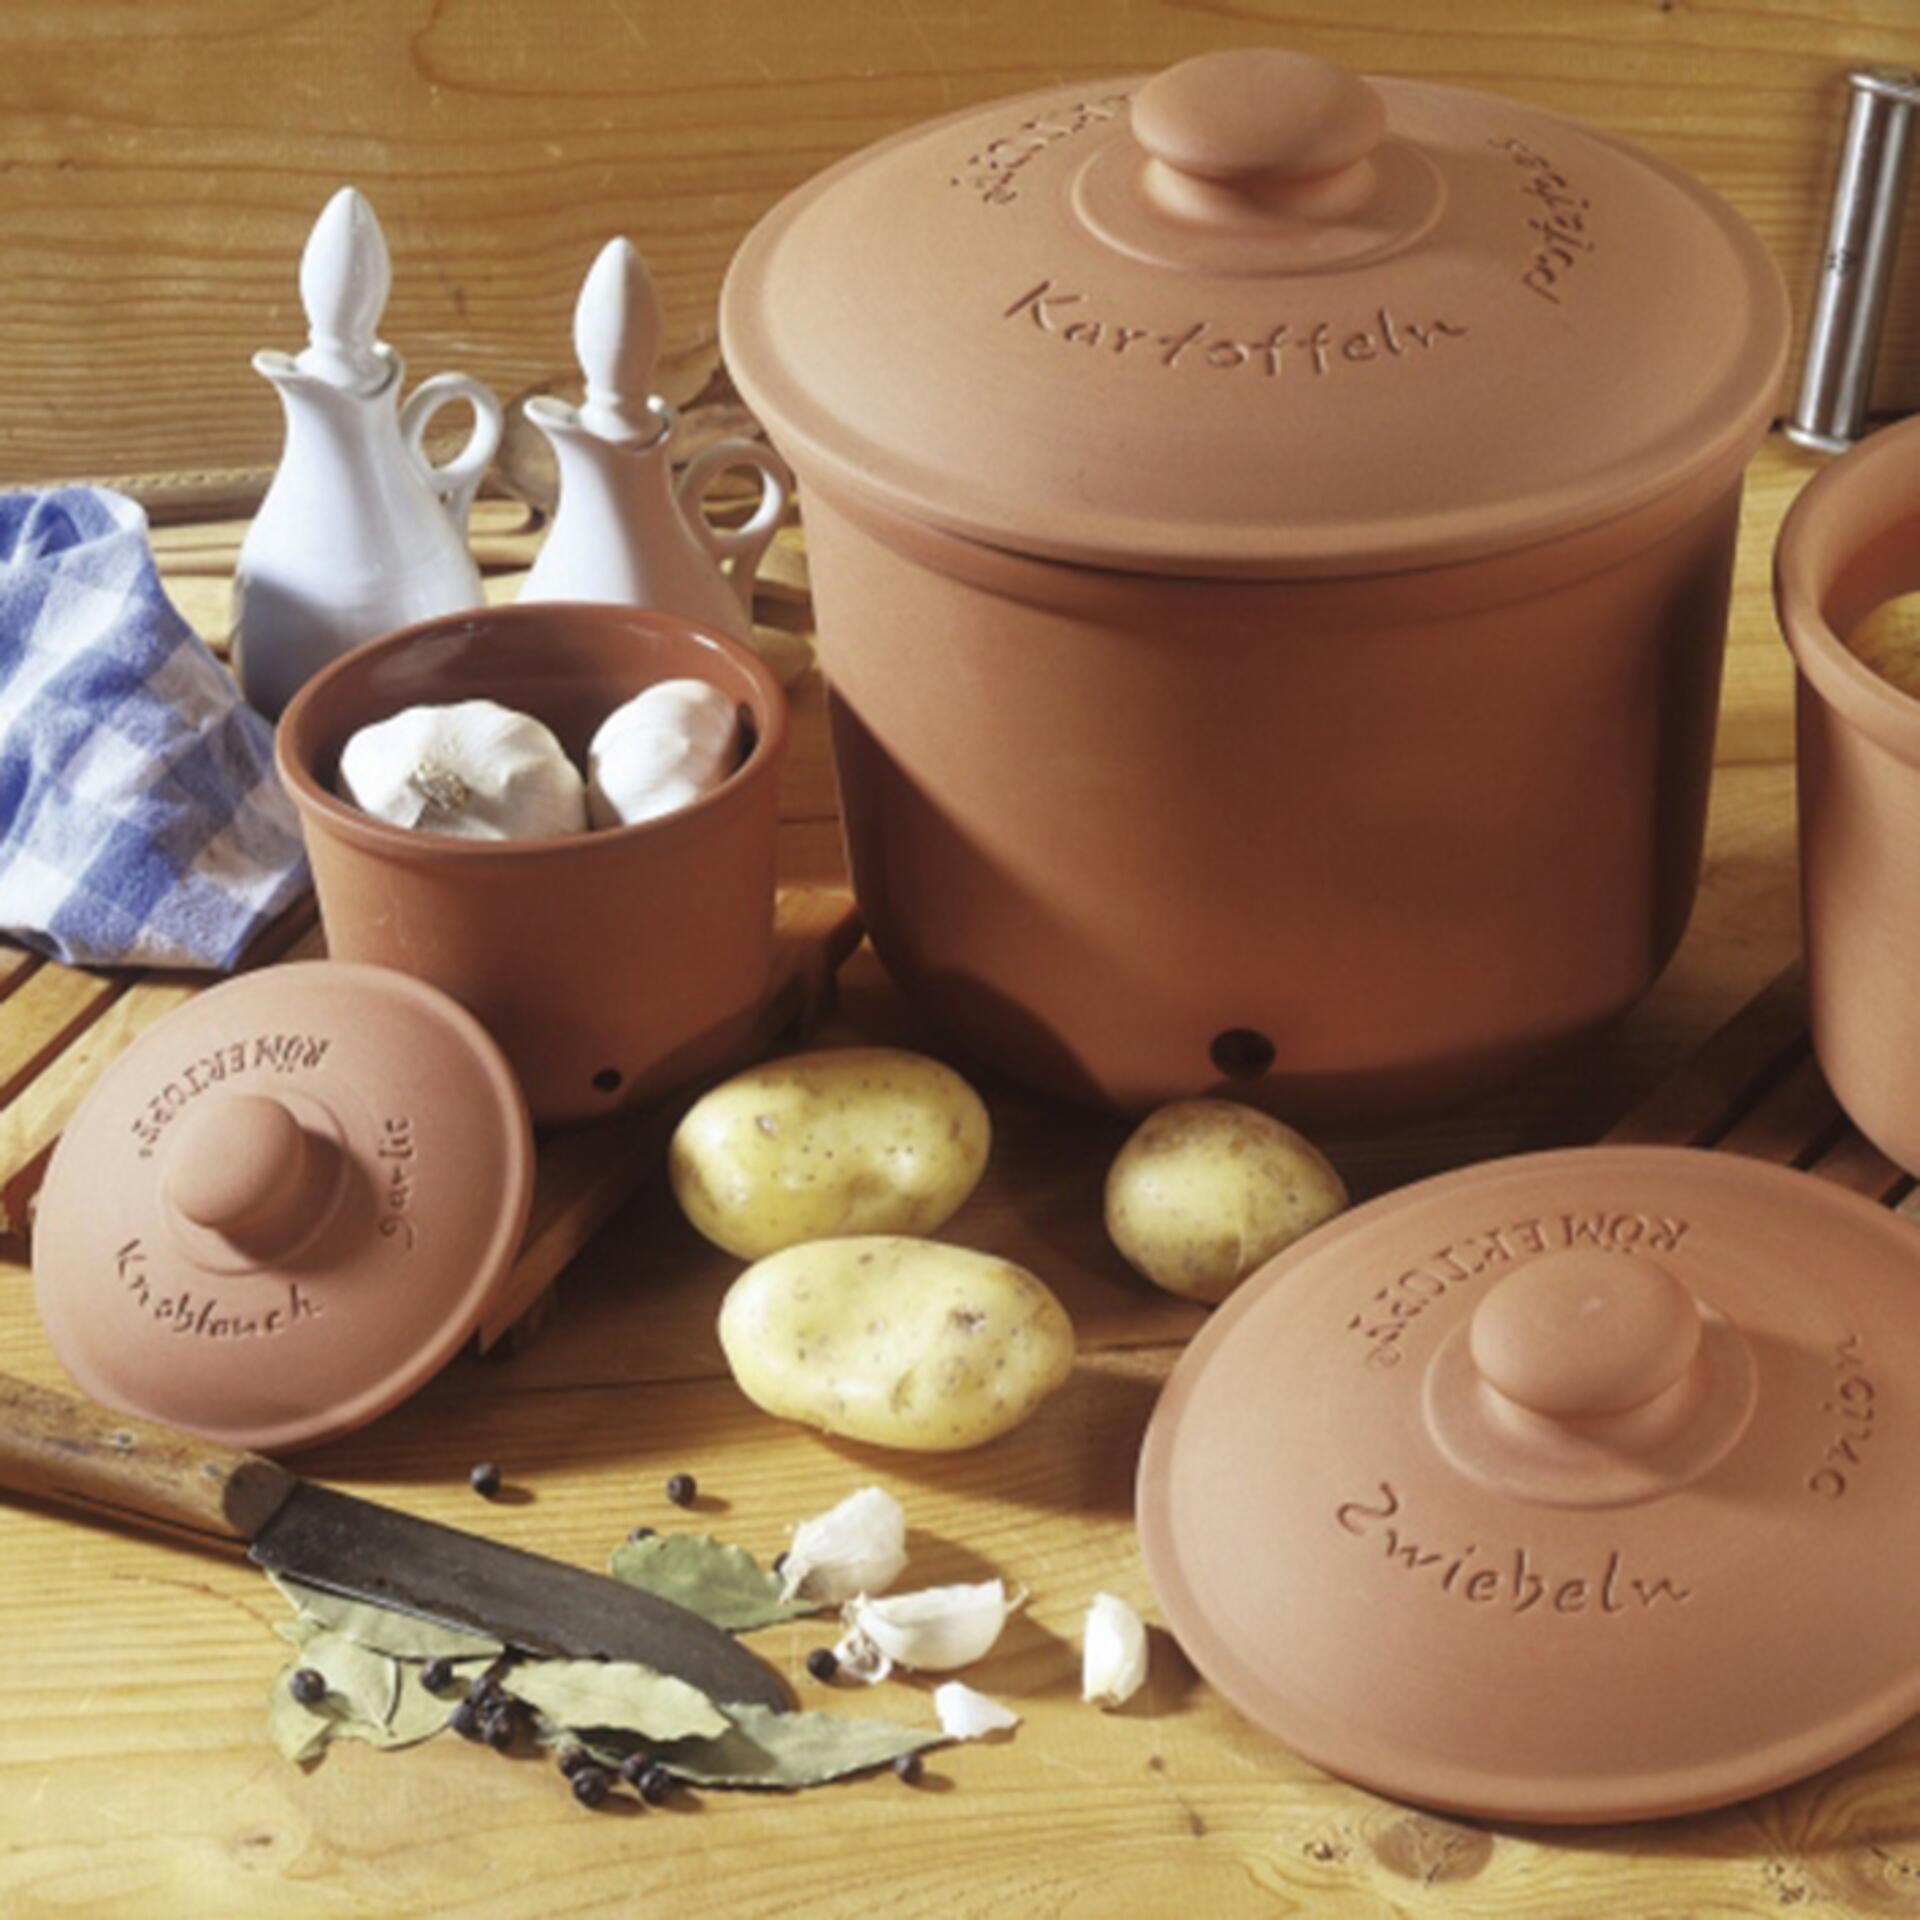 Römertopf Vorratstopf für Zwiebeln